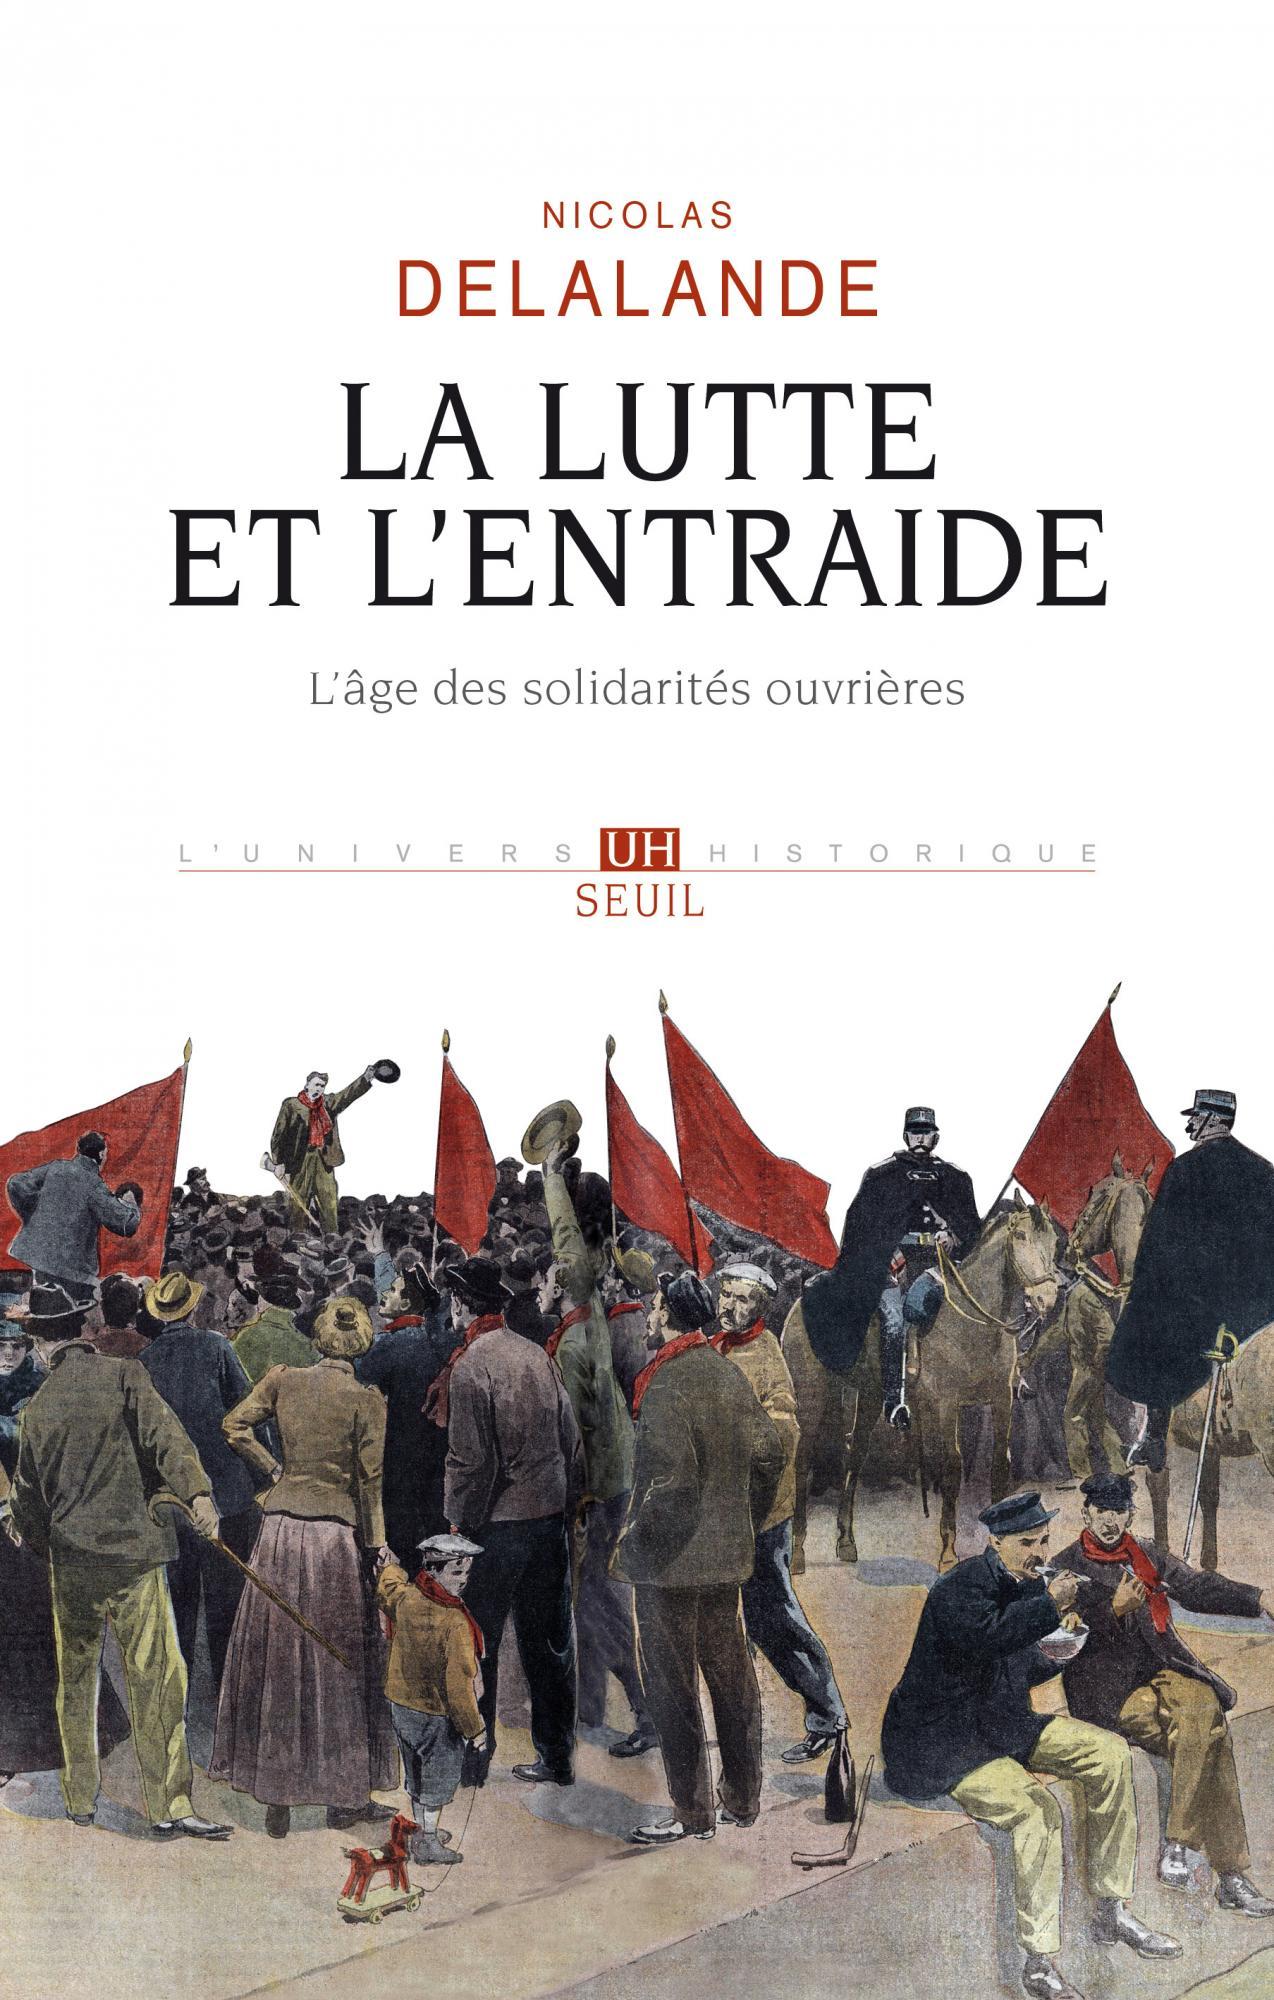 N. Delalande, La Lutte et l'entraide. L'Âge des solidarités ouvrières